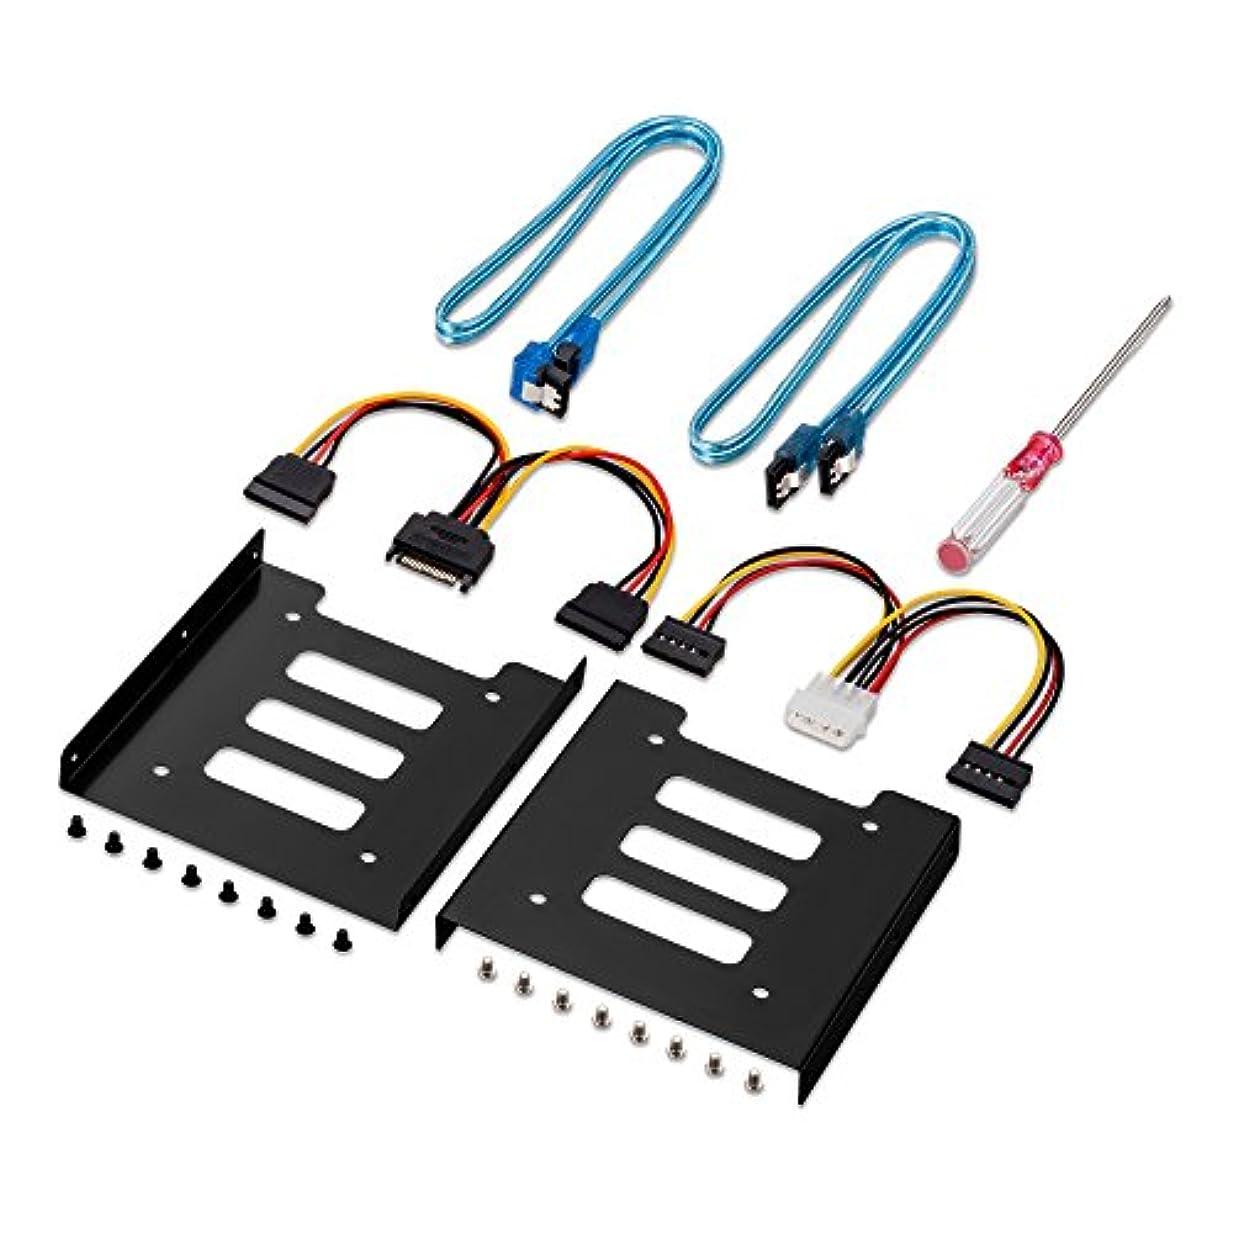 鈍いレディ肥沃なNC xqin 2.5インチSSDを3.5インチ内蔵ハードディスクドライブSATAデータケーブルと電源ケーブル) ( 2 xブラケット変換マウントキット(フレーム) ブルー